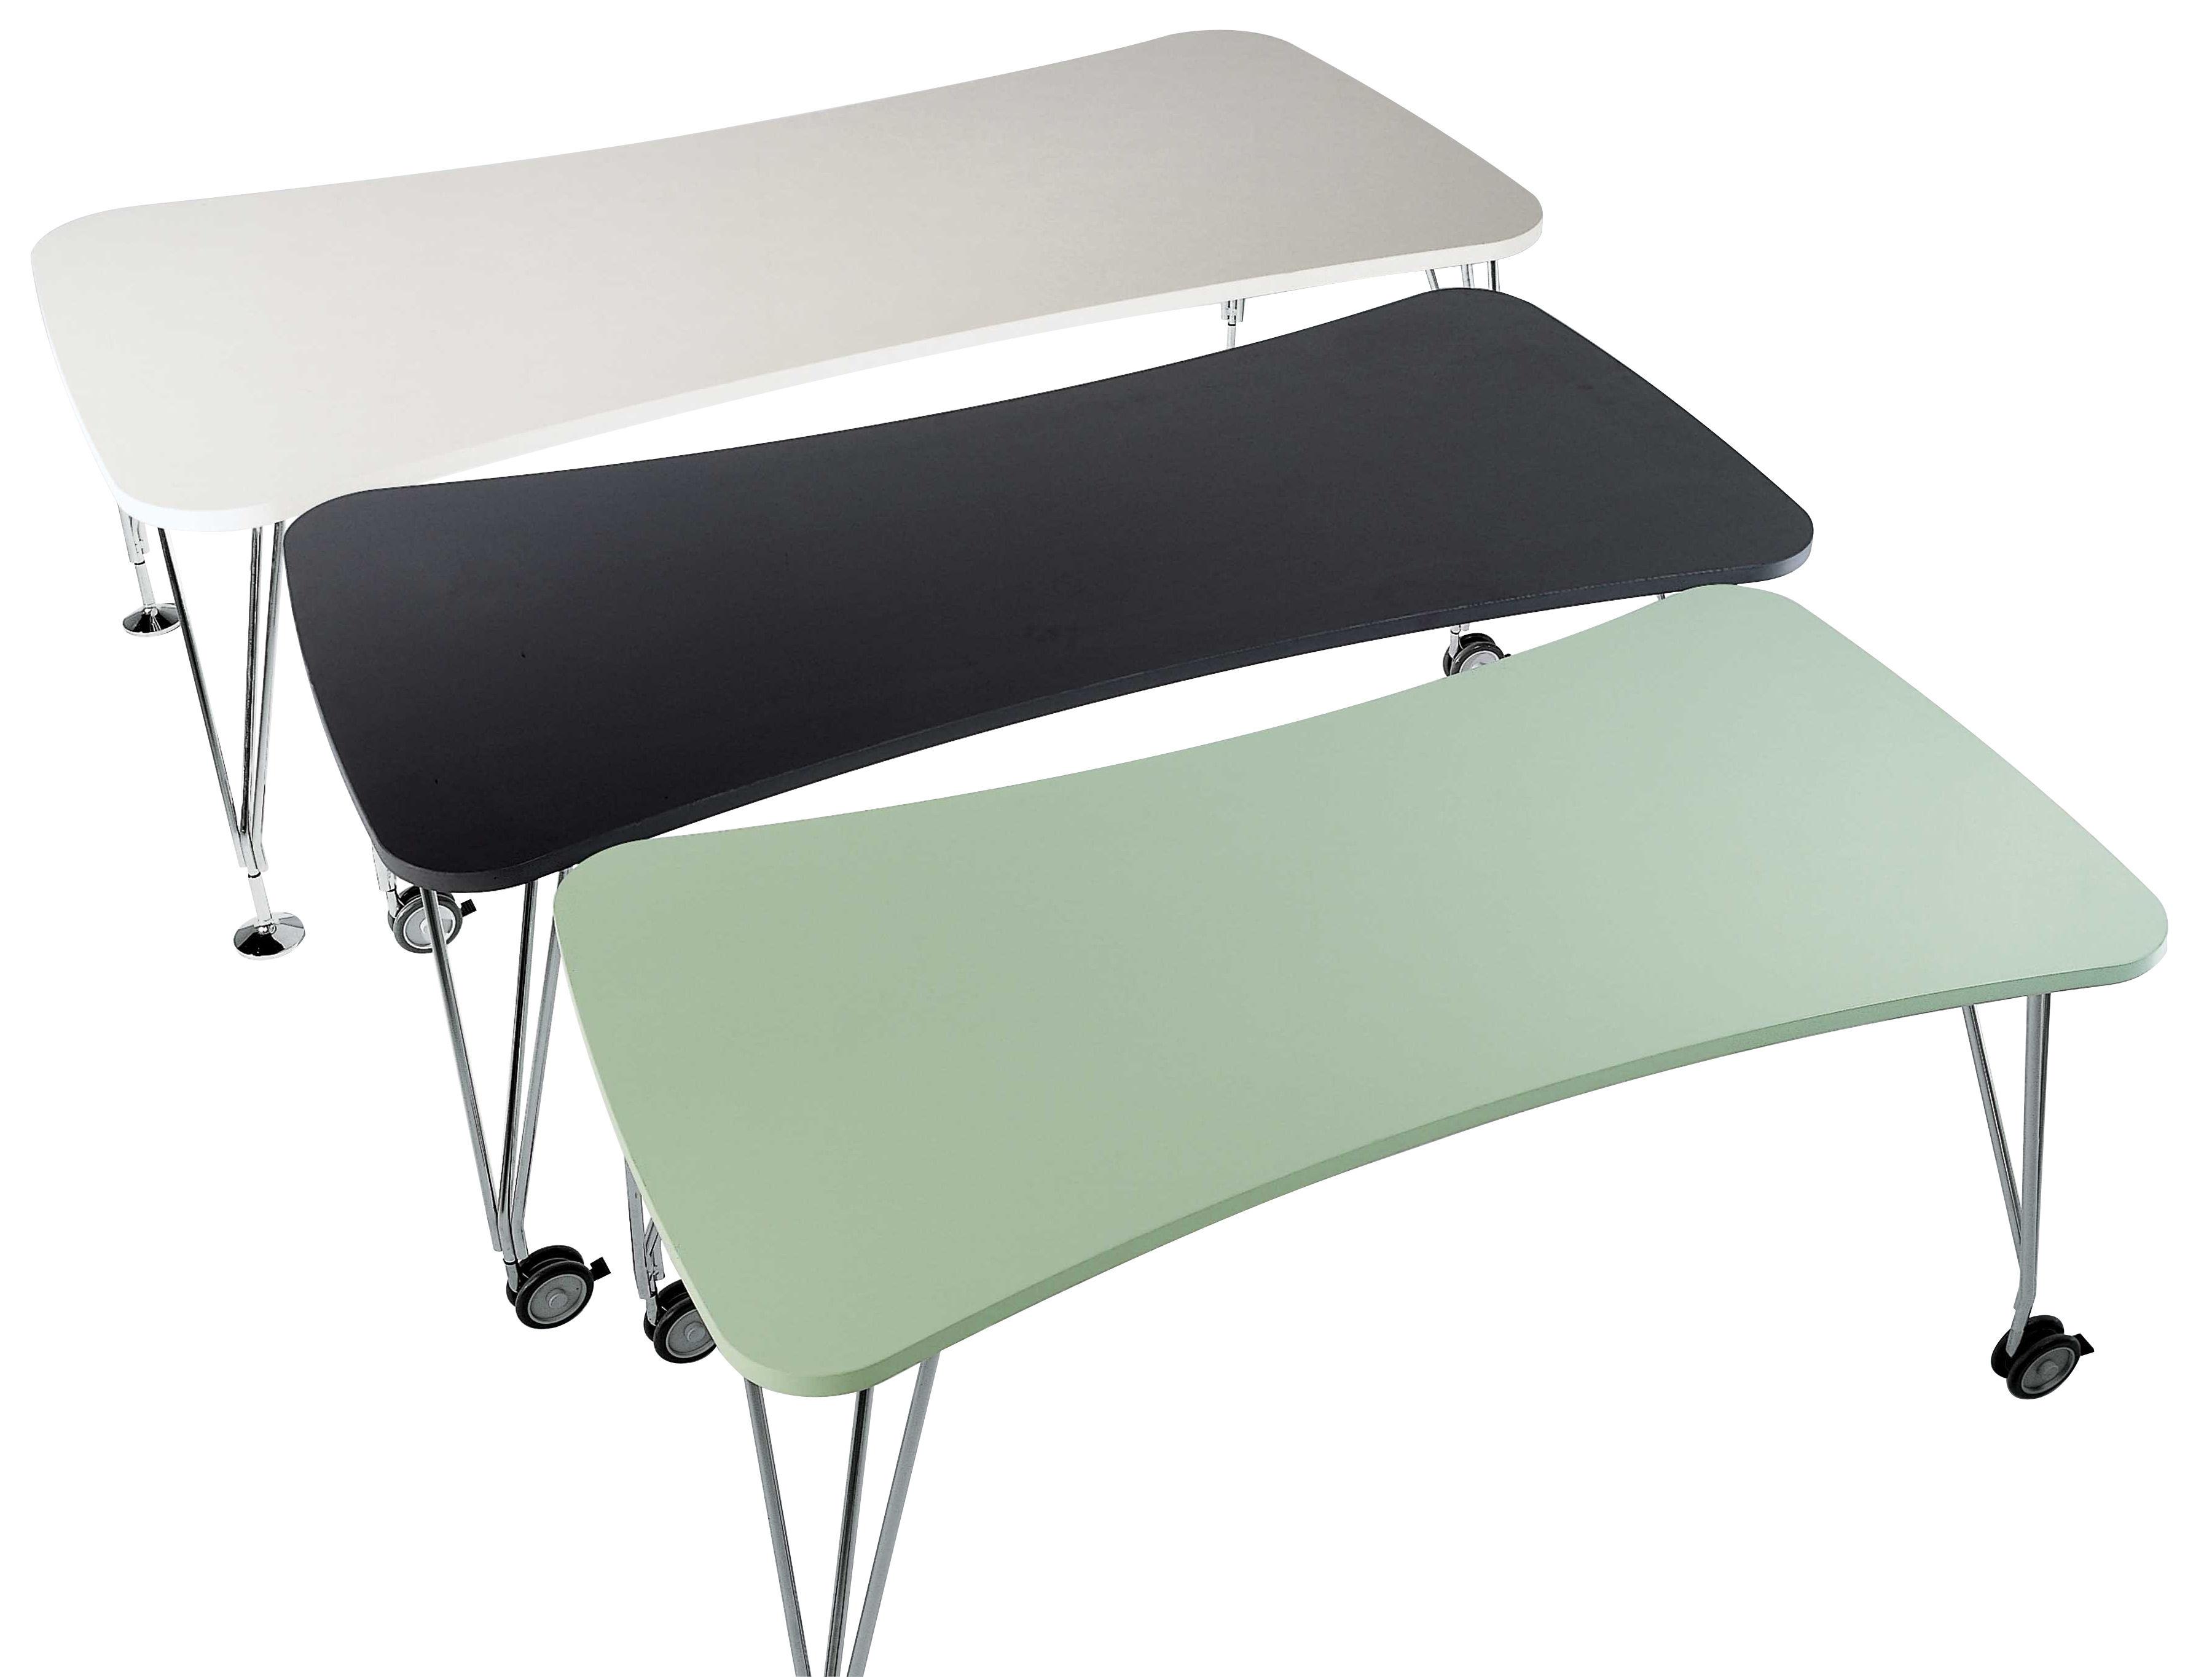 Möbel - Möbel für Teens - Max rechteckiger Tisch mit Laufrollen - 190 cm - Kartell - Weiß 190 cm - Laminat, verchromter Stahl